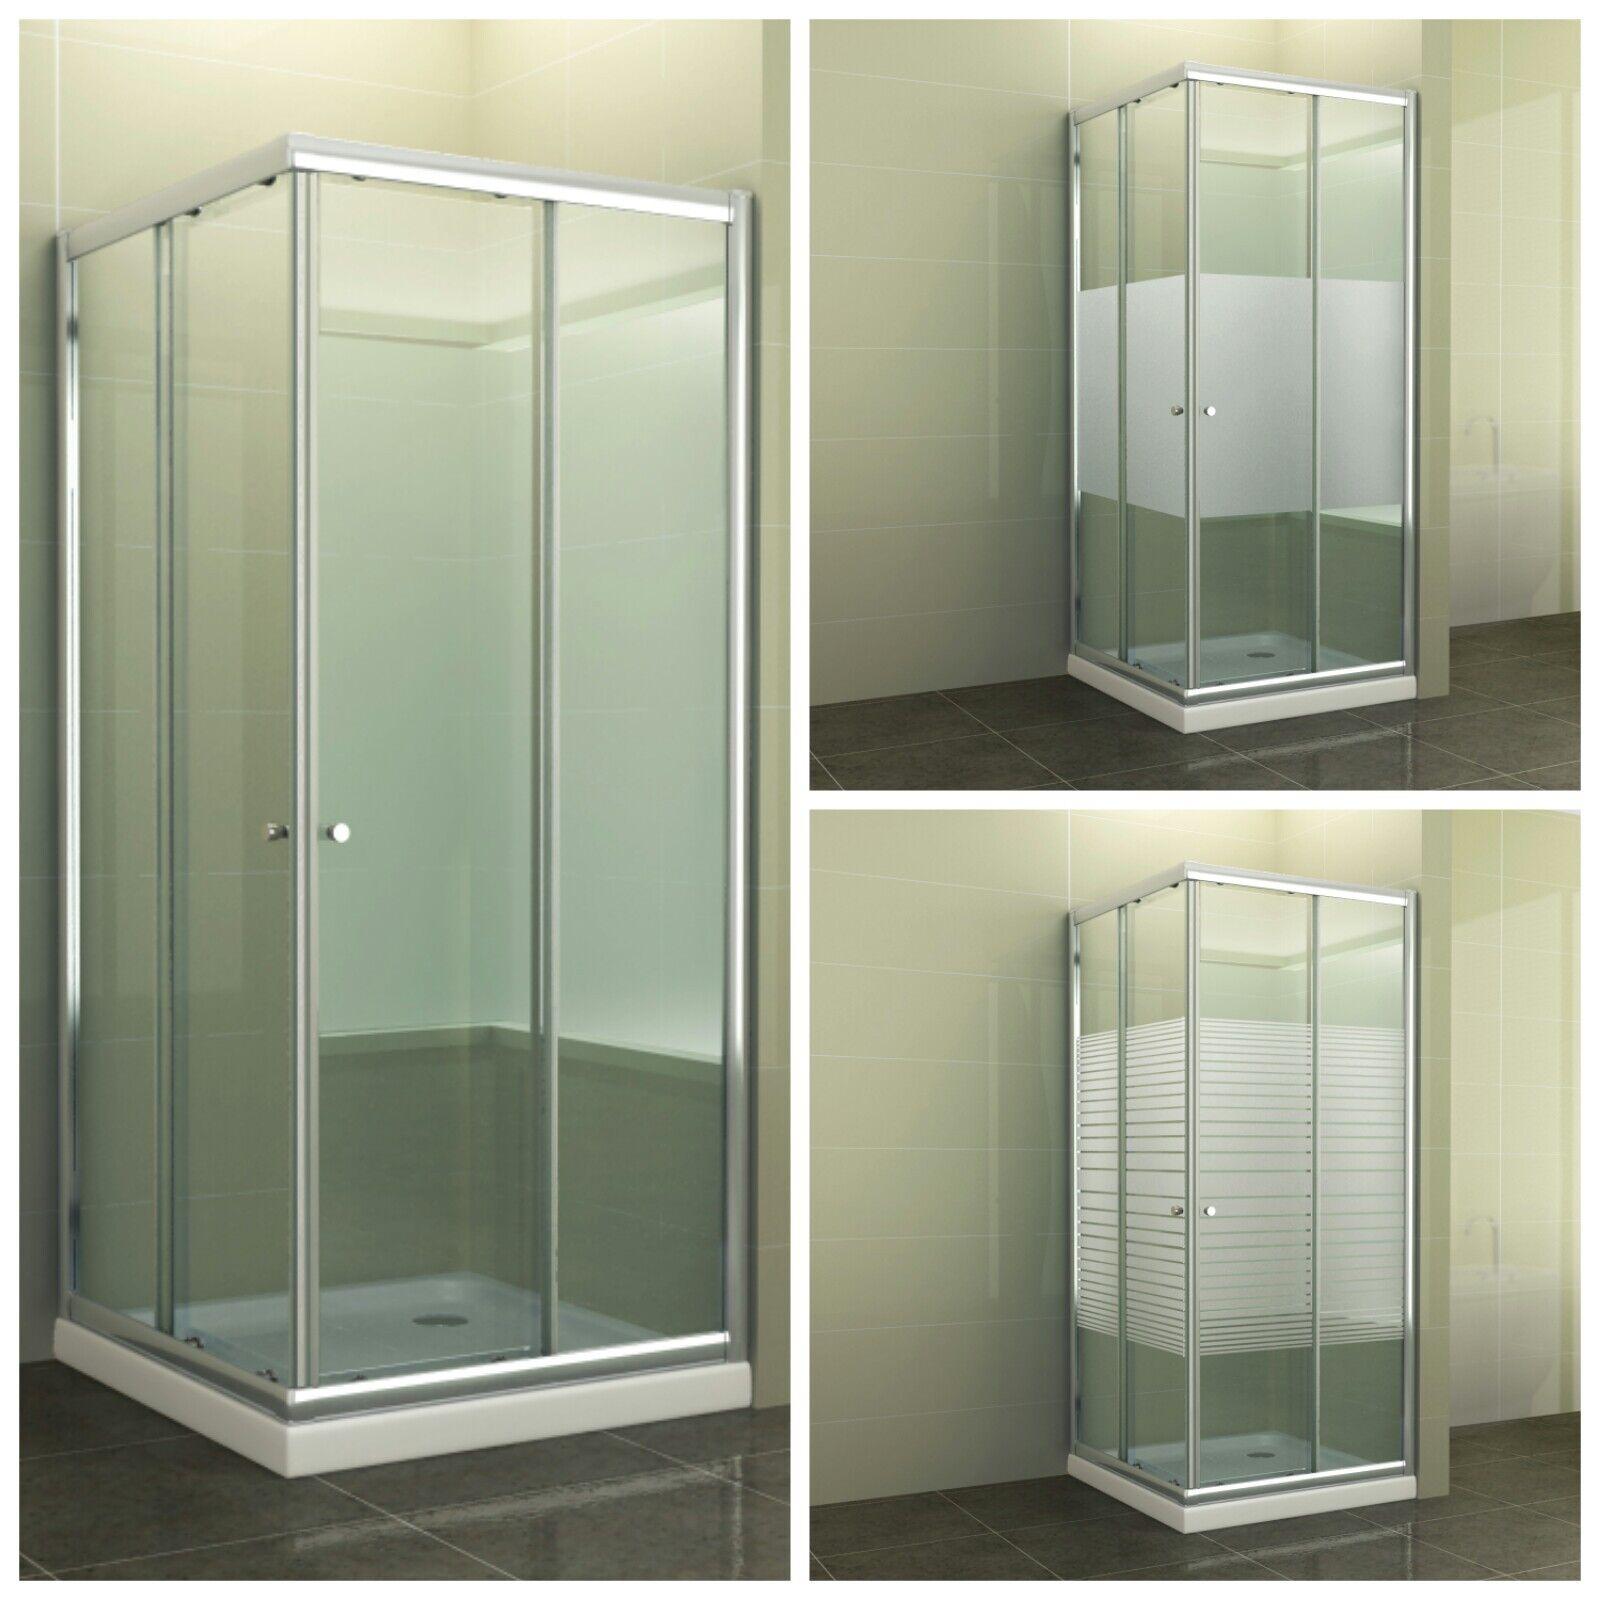 Eckdusche Duschkabine Quadrat Eckeinstieg Schiebetür Duschabtrennung Glas Werra